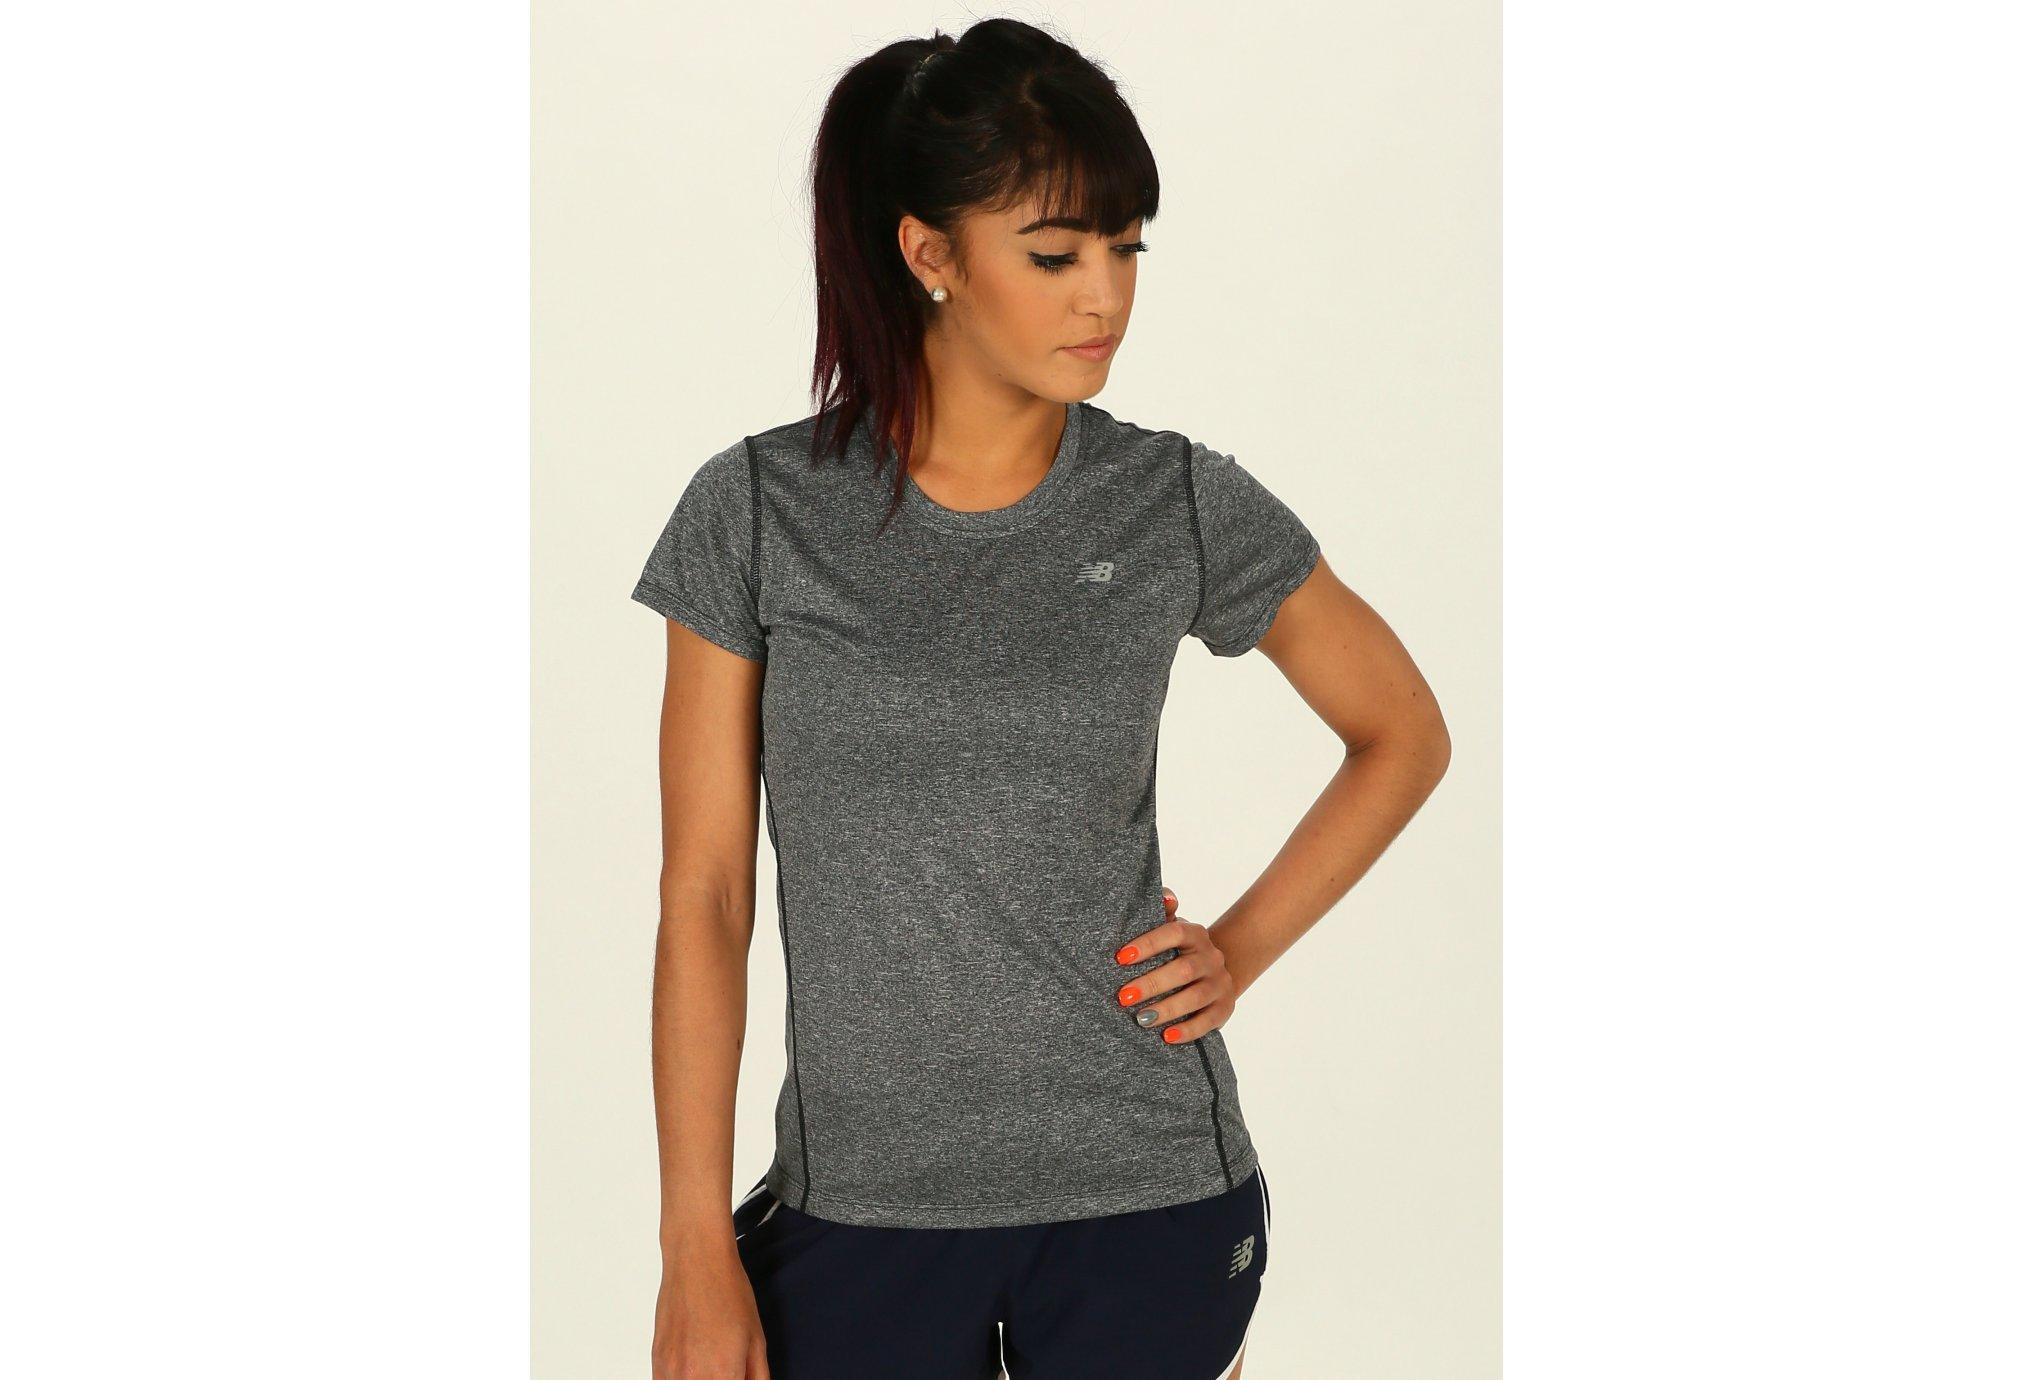 New Balance Tee-shirt Heathered W vêtement running femme